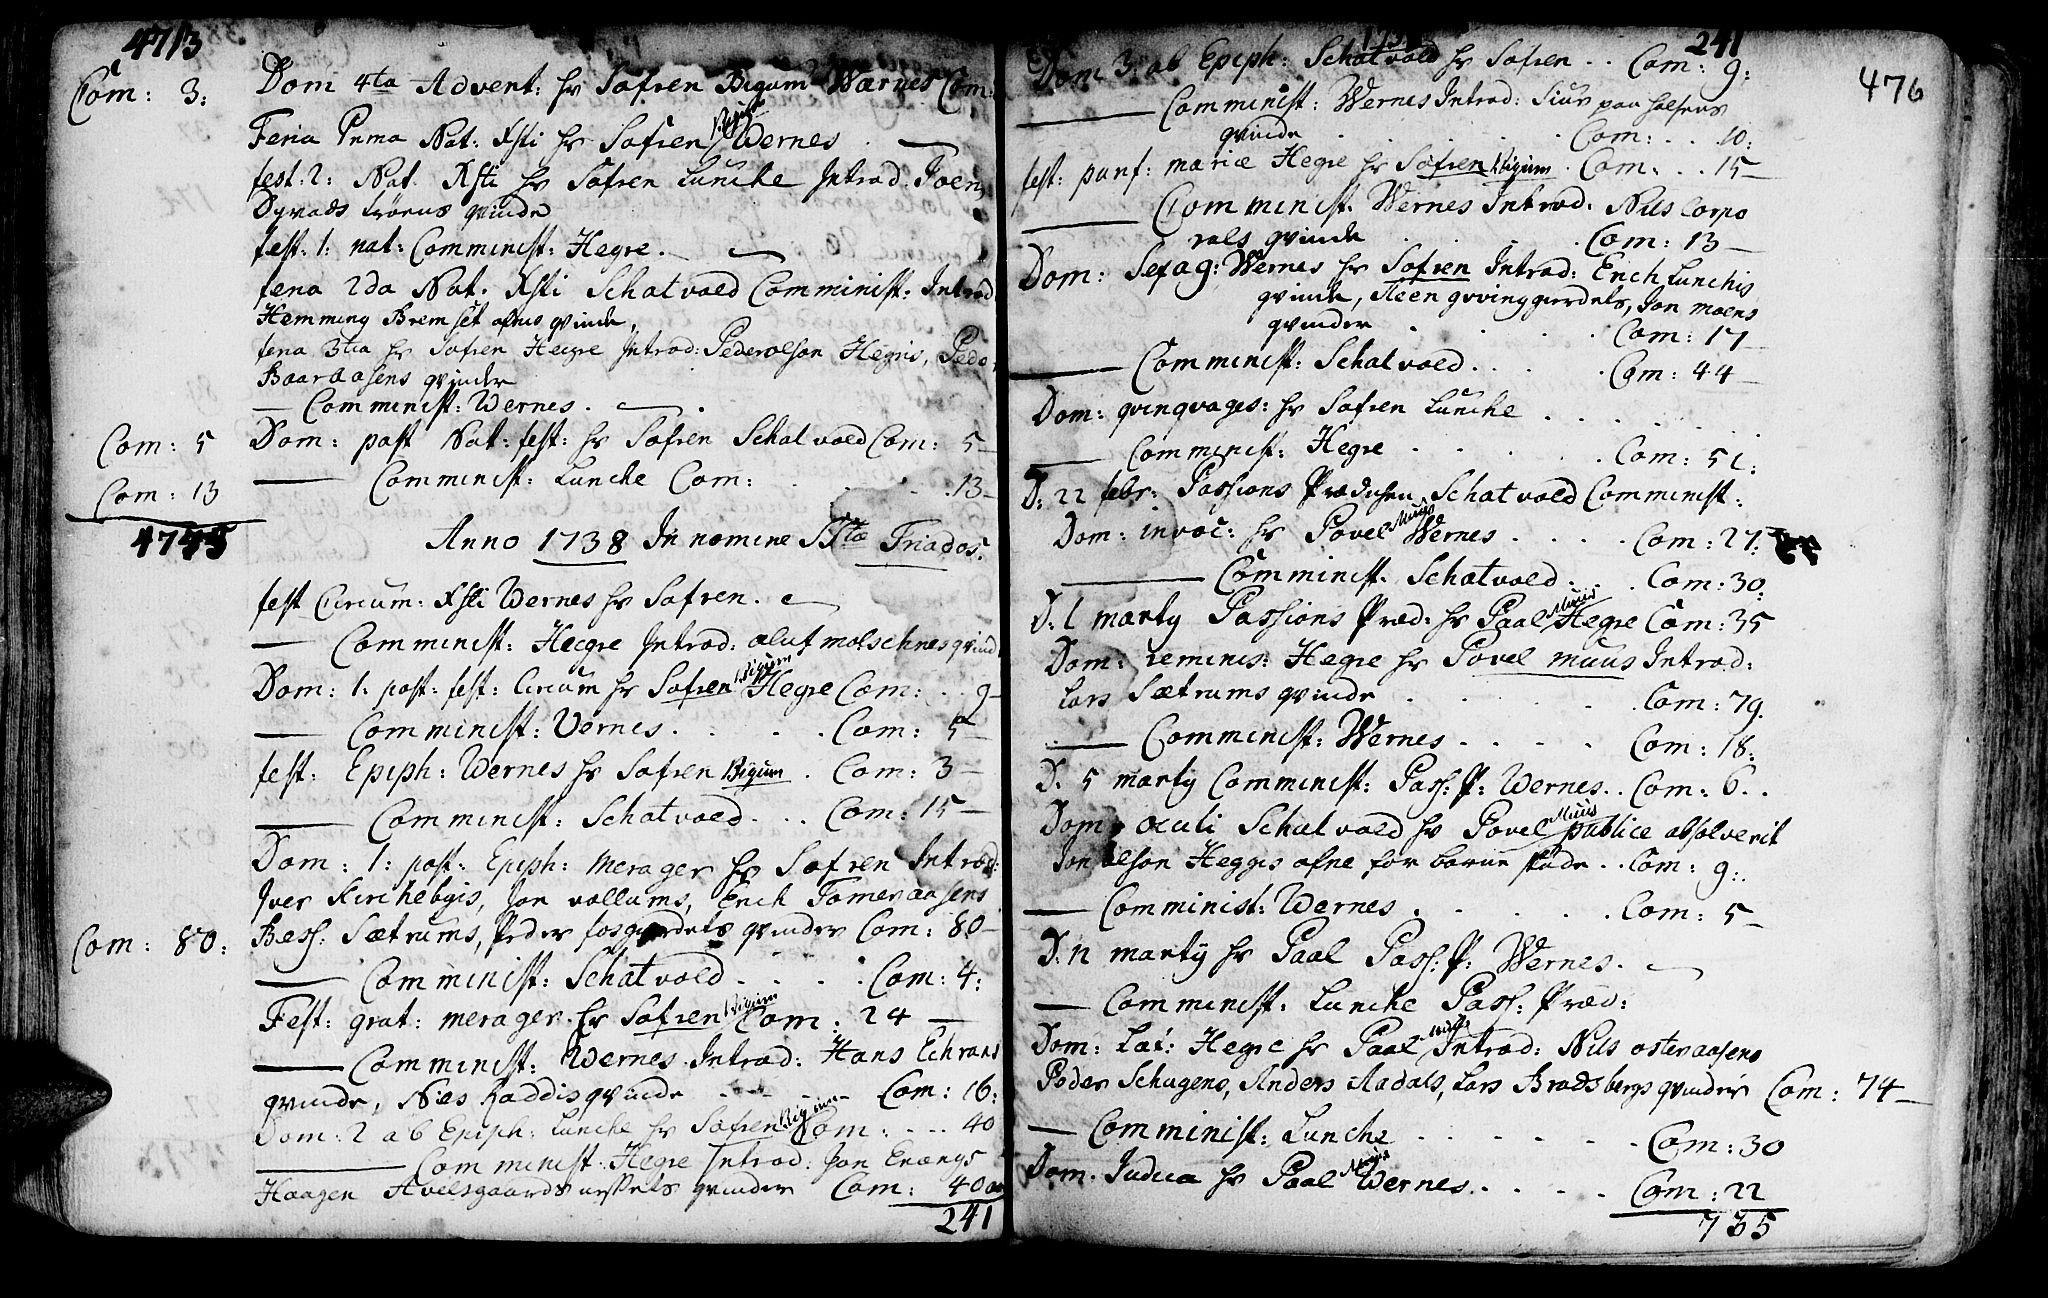 SAT, Ministerialprotokoller, klokkerbøker og fødselsregistre - Nord-Trøndelag, 709/L0054: Ministerialbok nr. 709A02, 1714-1738, s. 475-476